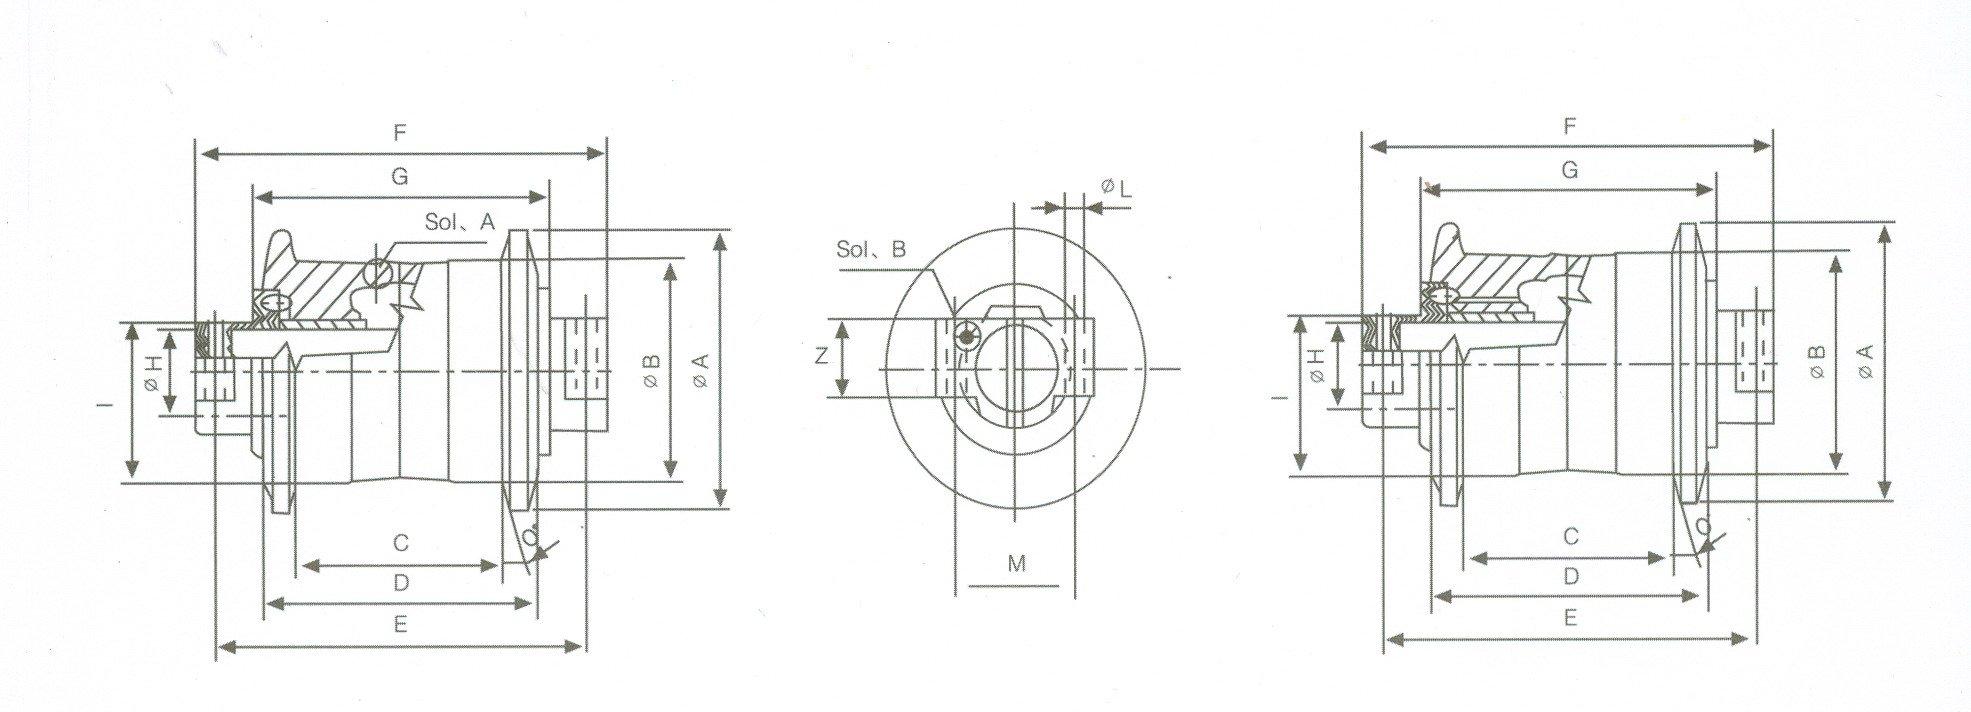 PC400/450/400LC-7 बुलडोजर खुदाई स्पेयर पार्ट्स के लिए ट्रैक रोलर